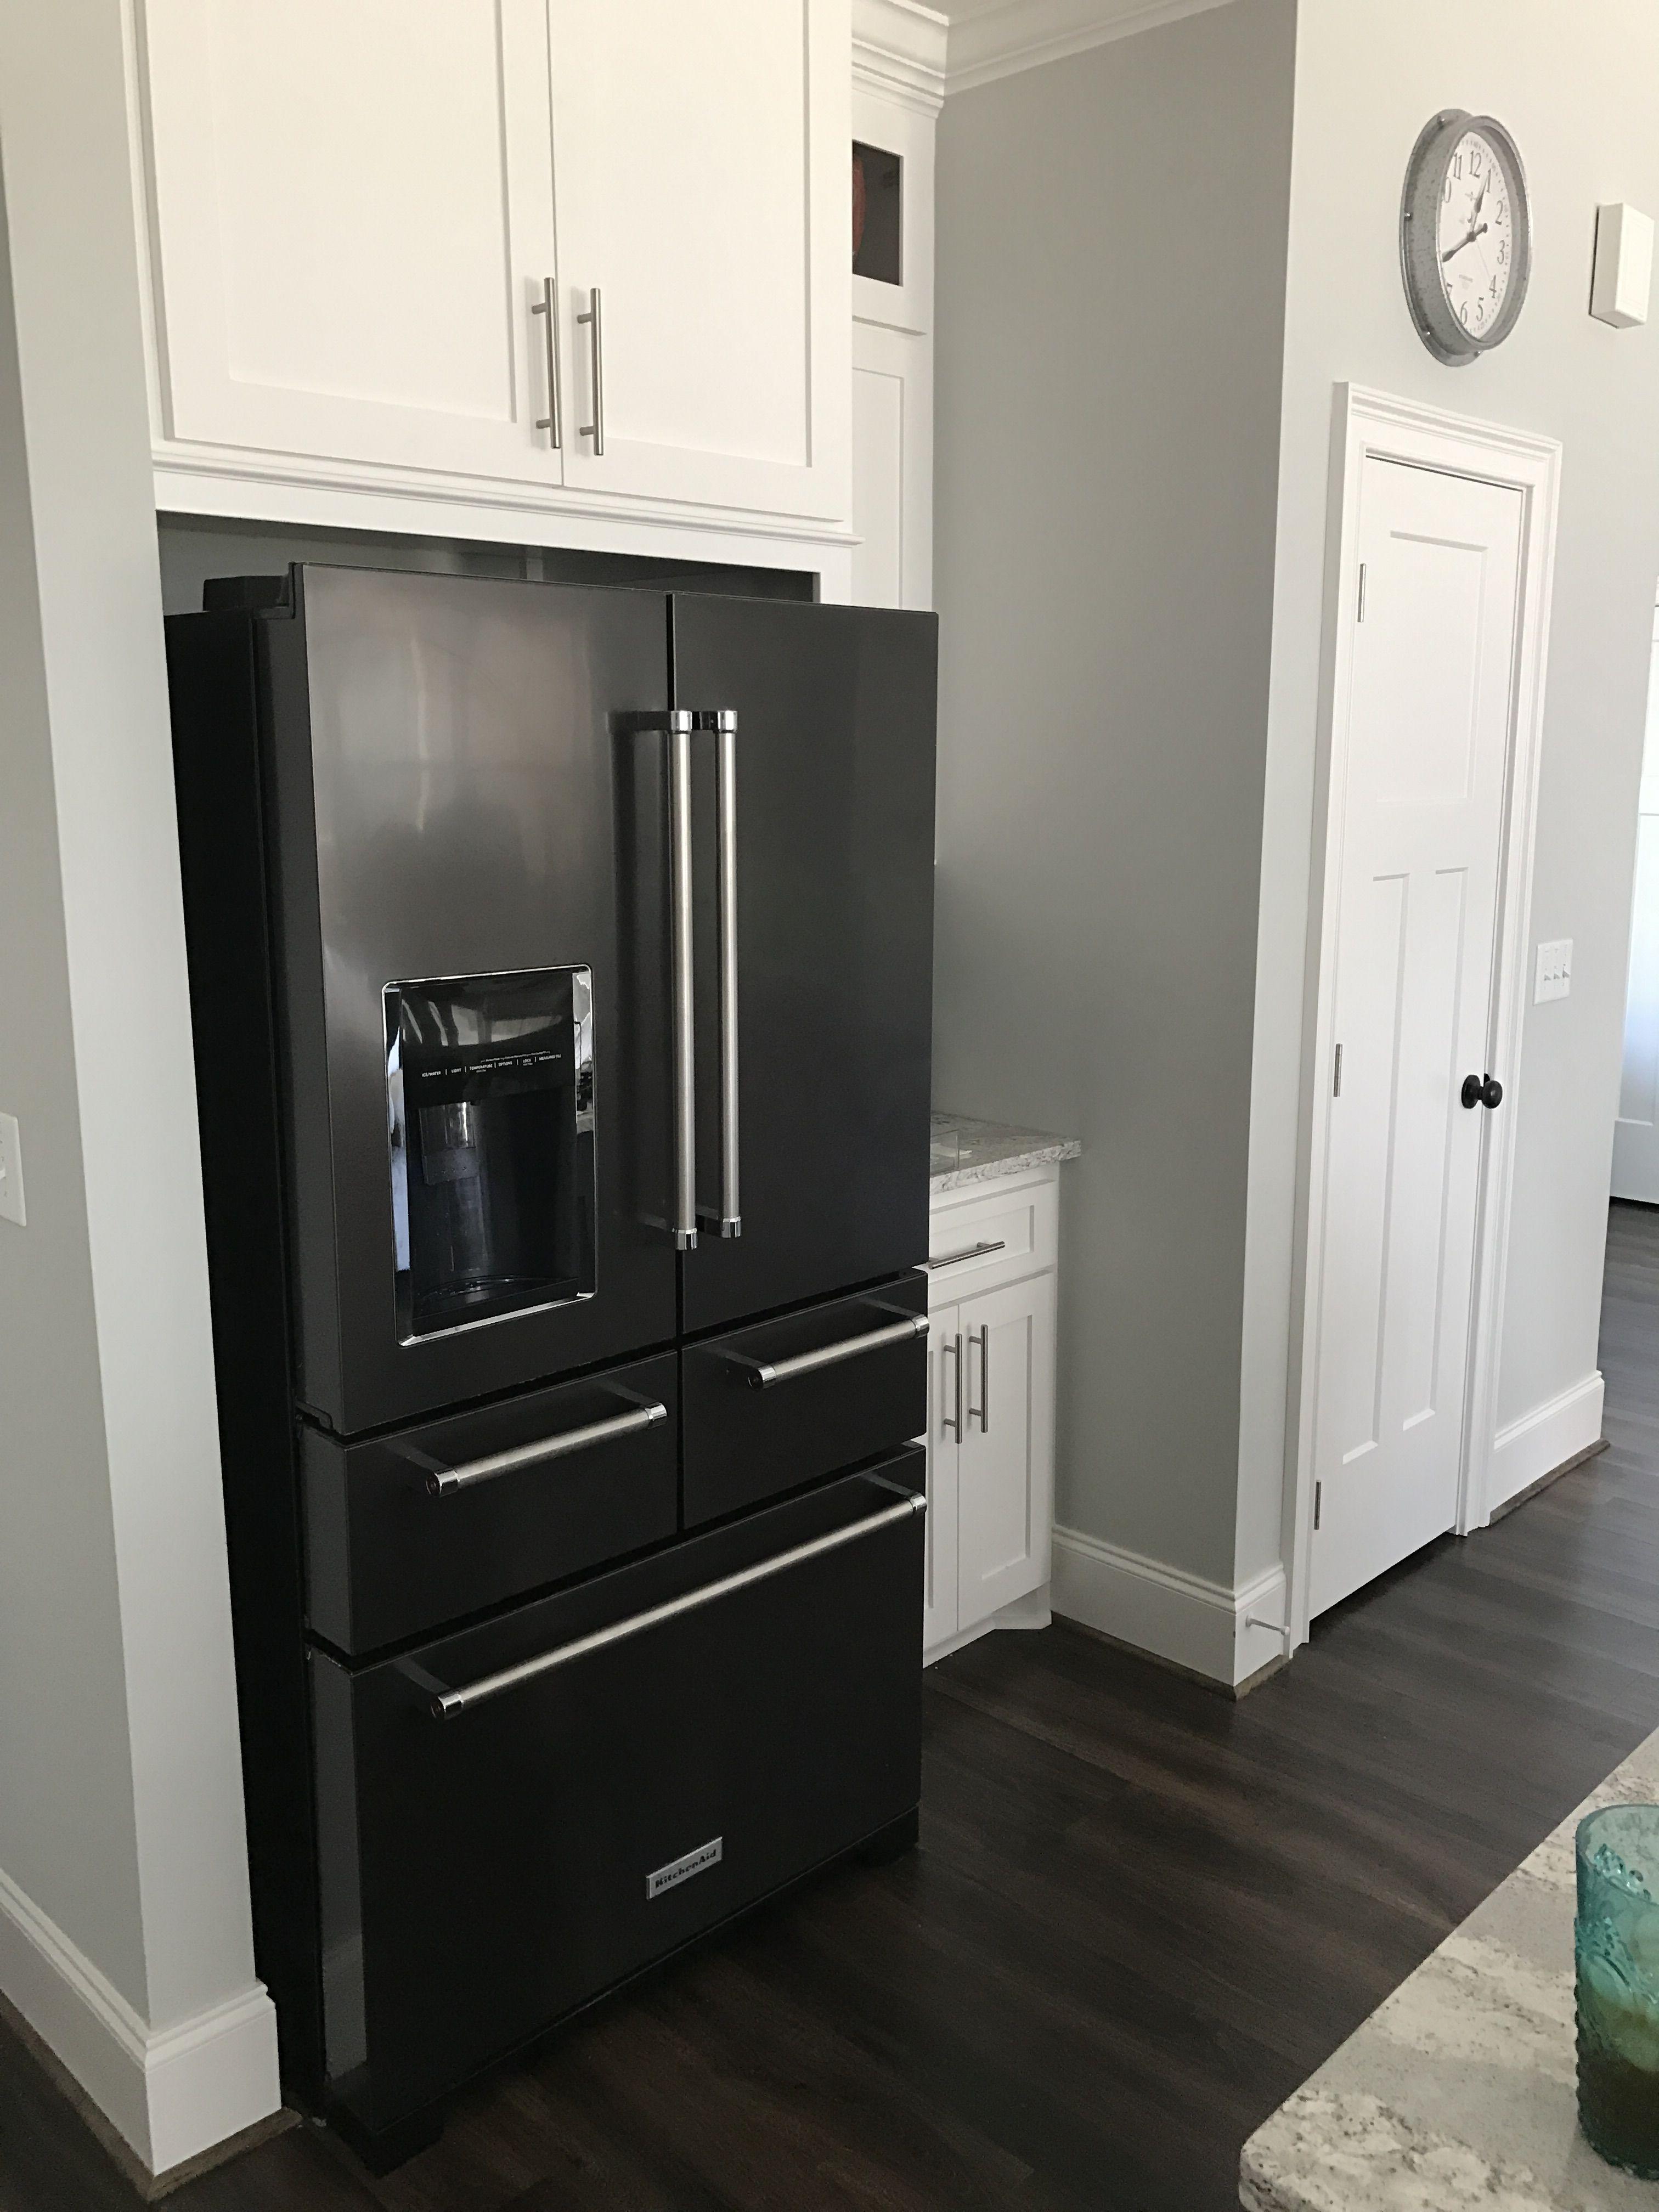 Black stainless kitchenaid refrigerator kitchen aid